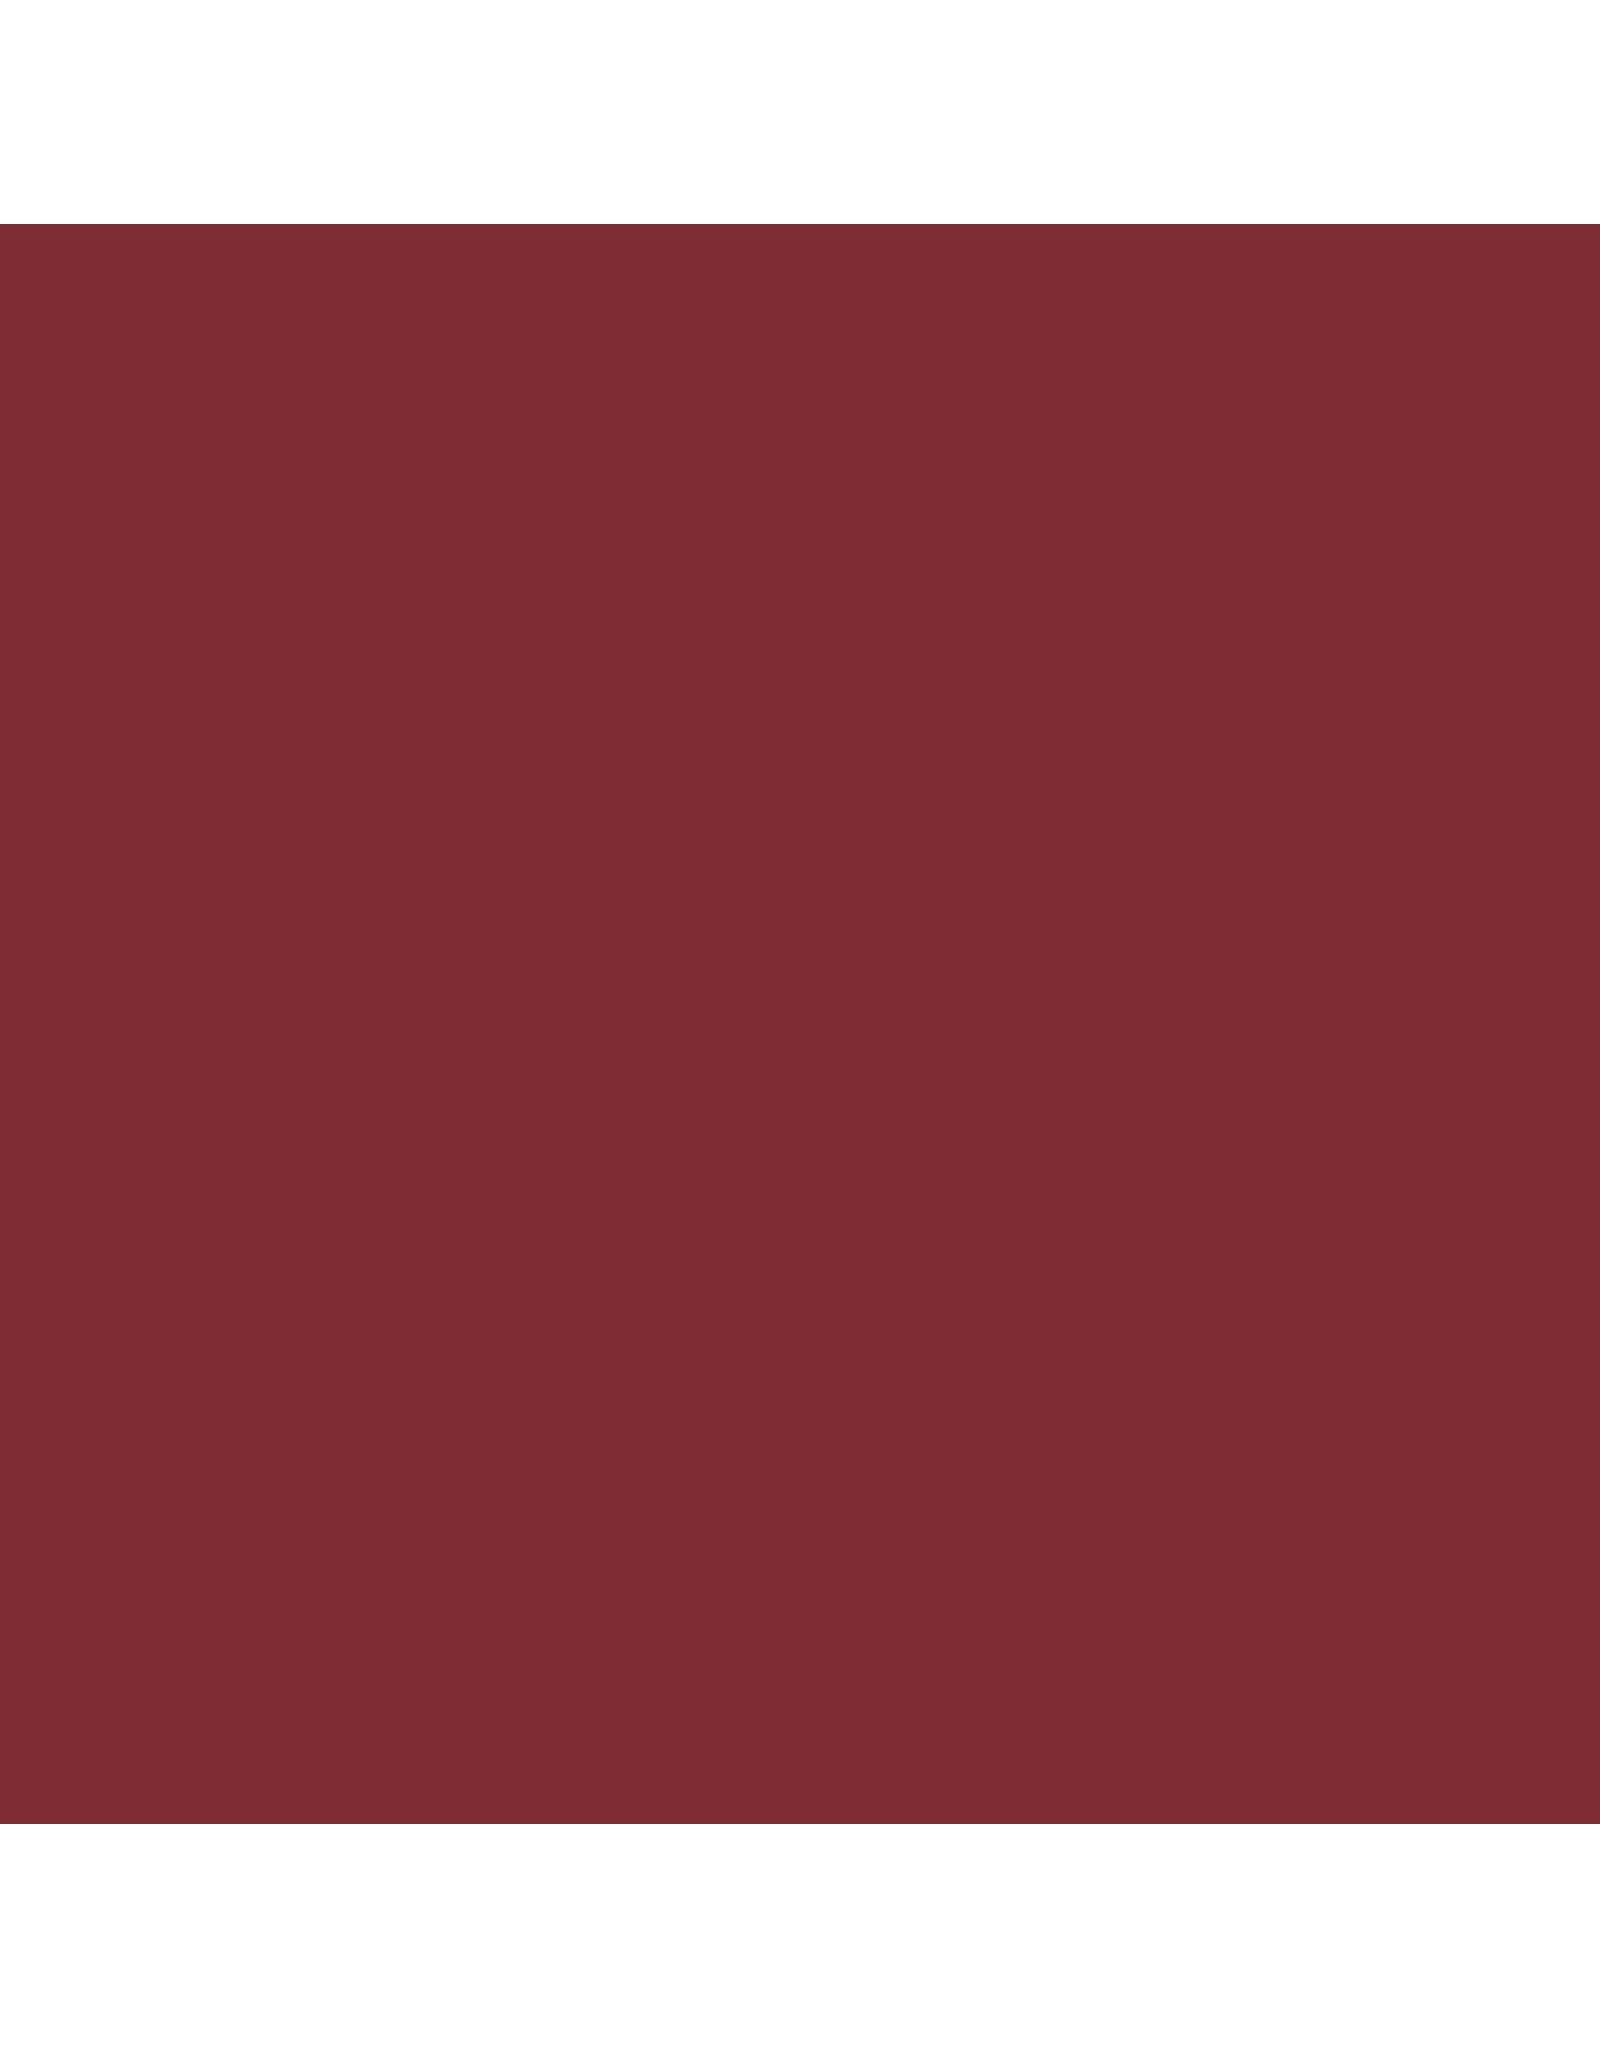 Andover Fabrics Century Solids, Wine, Fabric Half-Yards